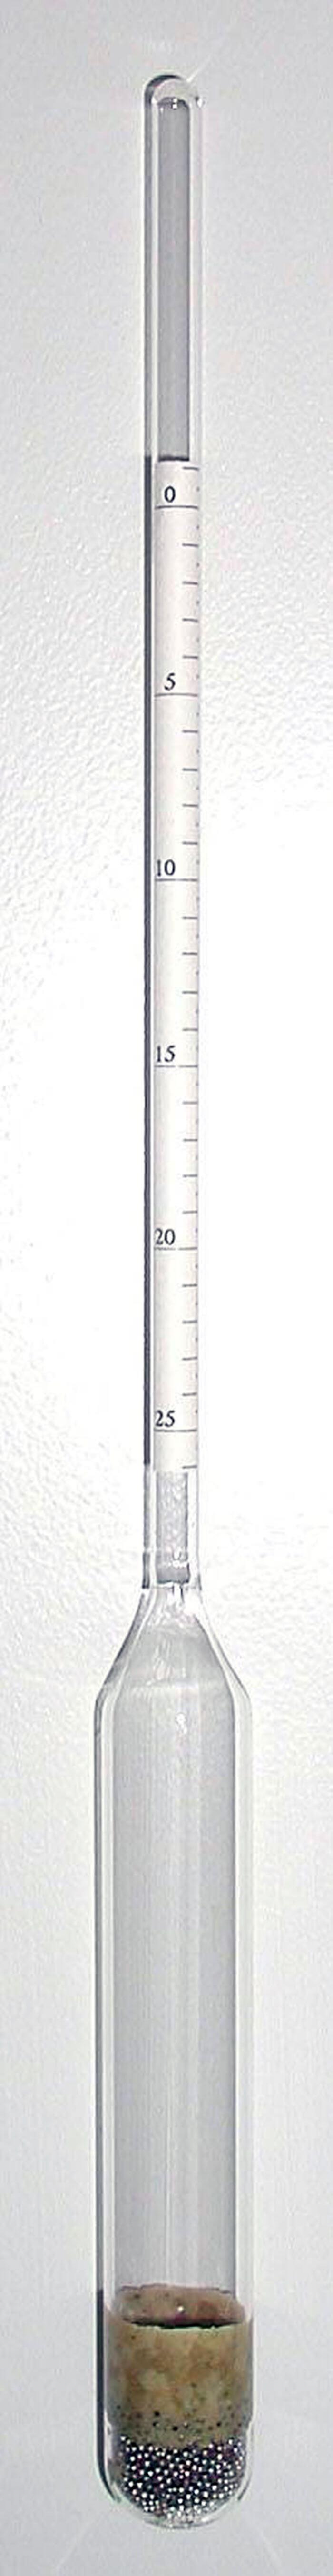 Ареометр АС-3 0...25